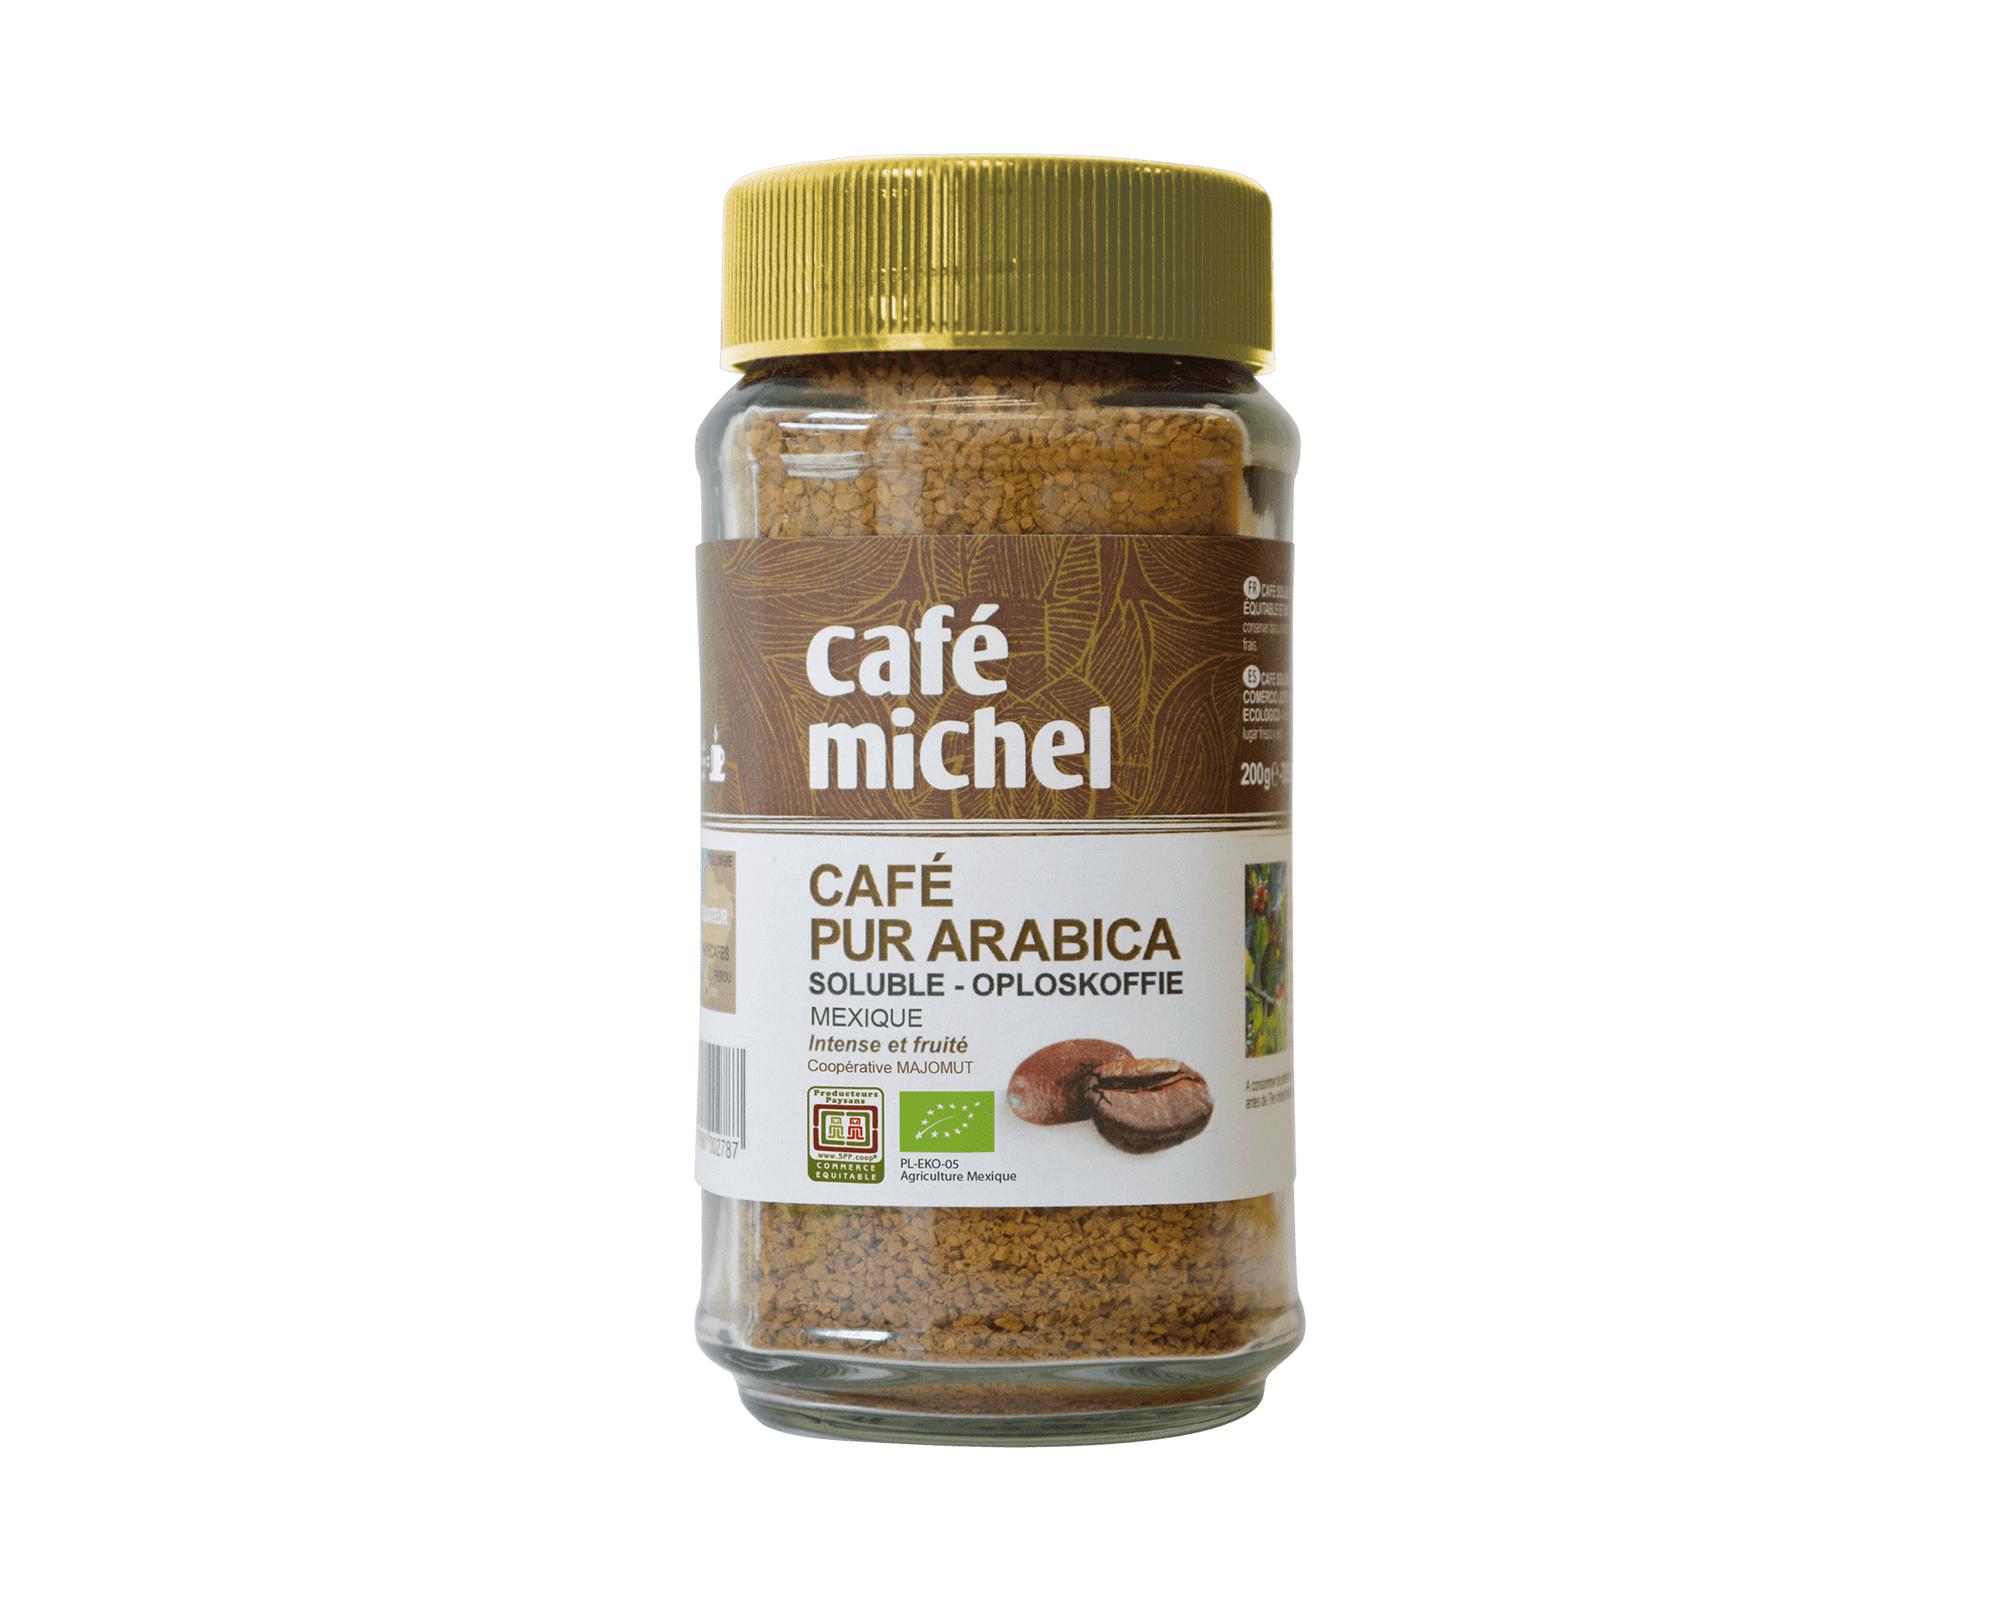 Pur arabica Éthiopie Sidamo Grains biologique et équitable 1kg - Café Michel